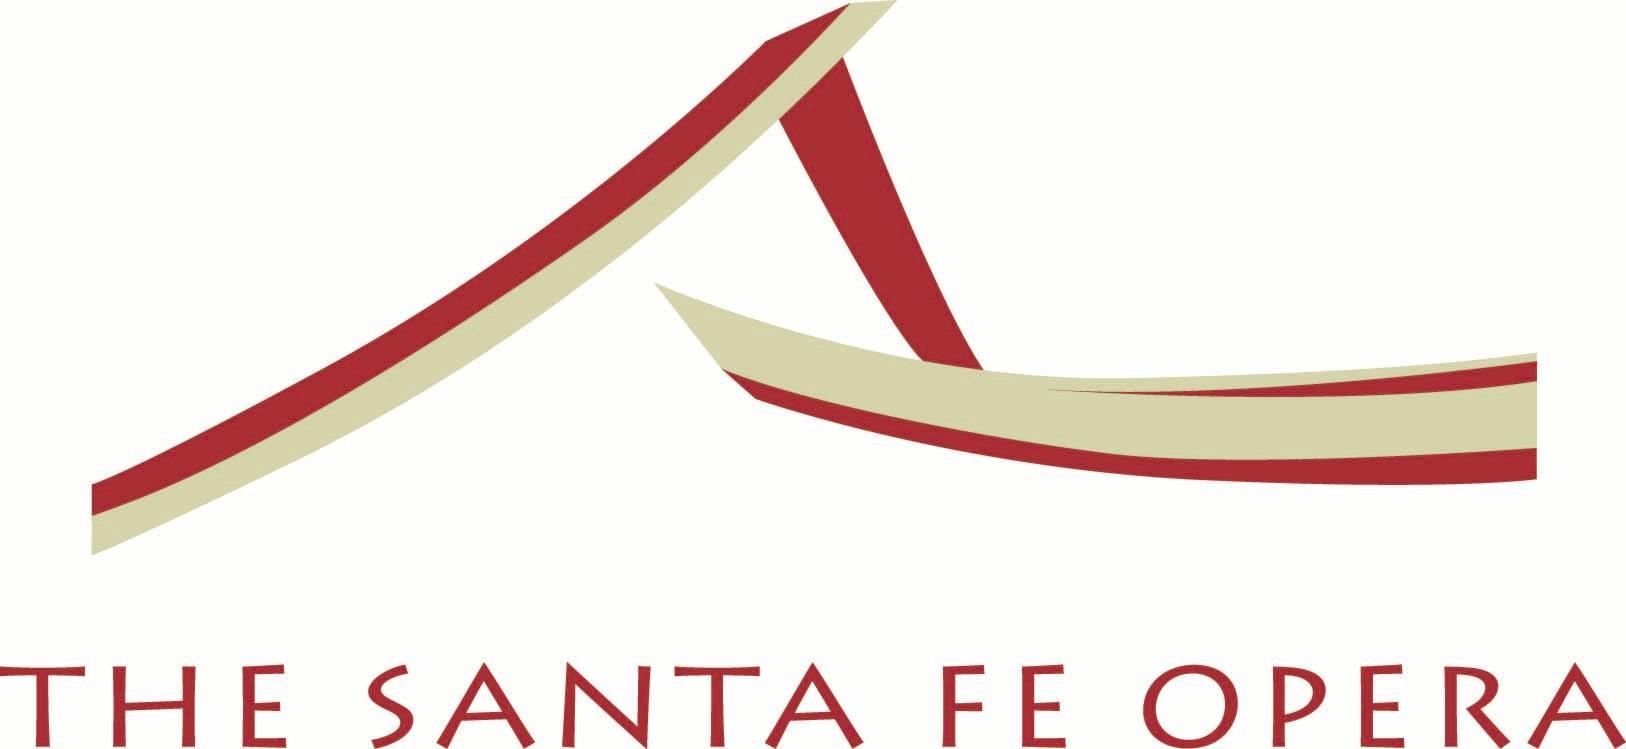 SF_Opera_logo.jpg